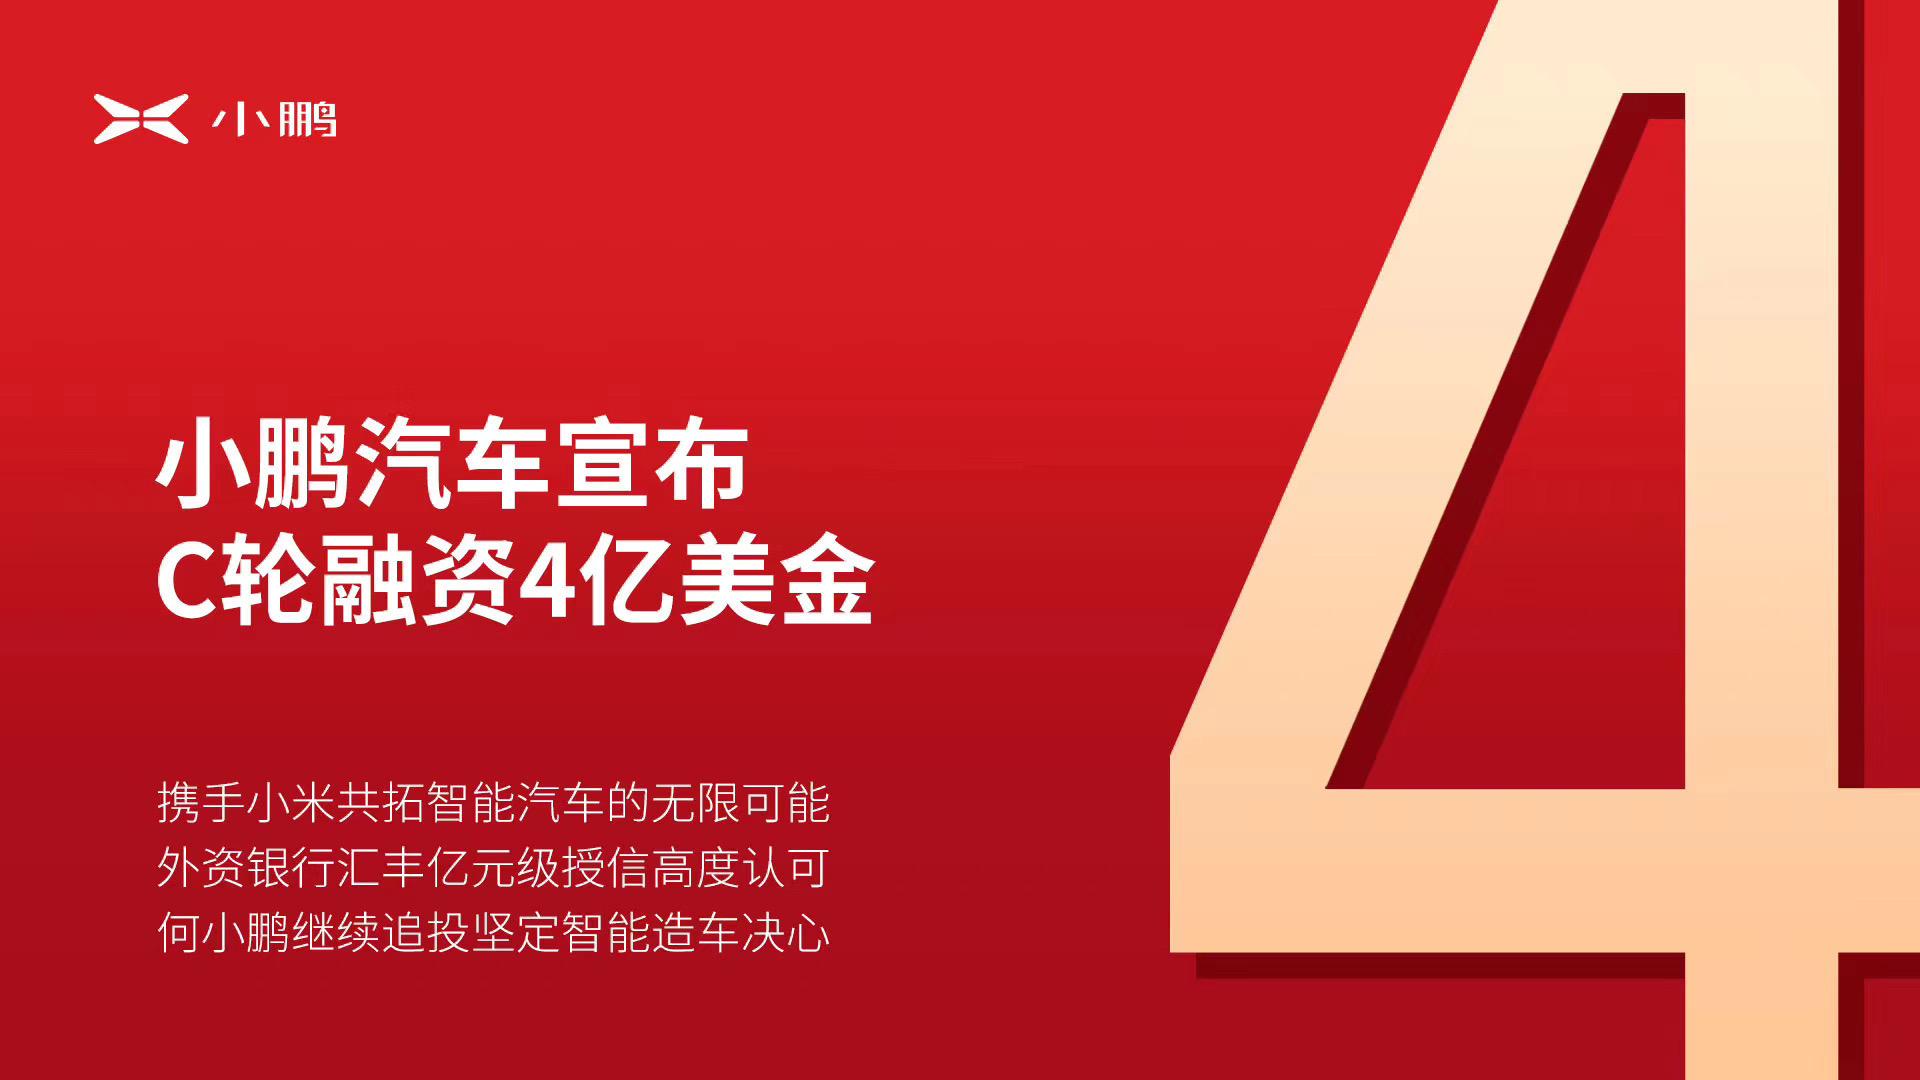 小鹏汽车宣布成功签署C轮融资 总金额4亿美金